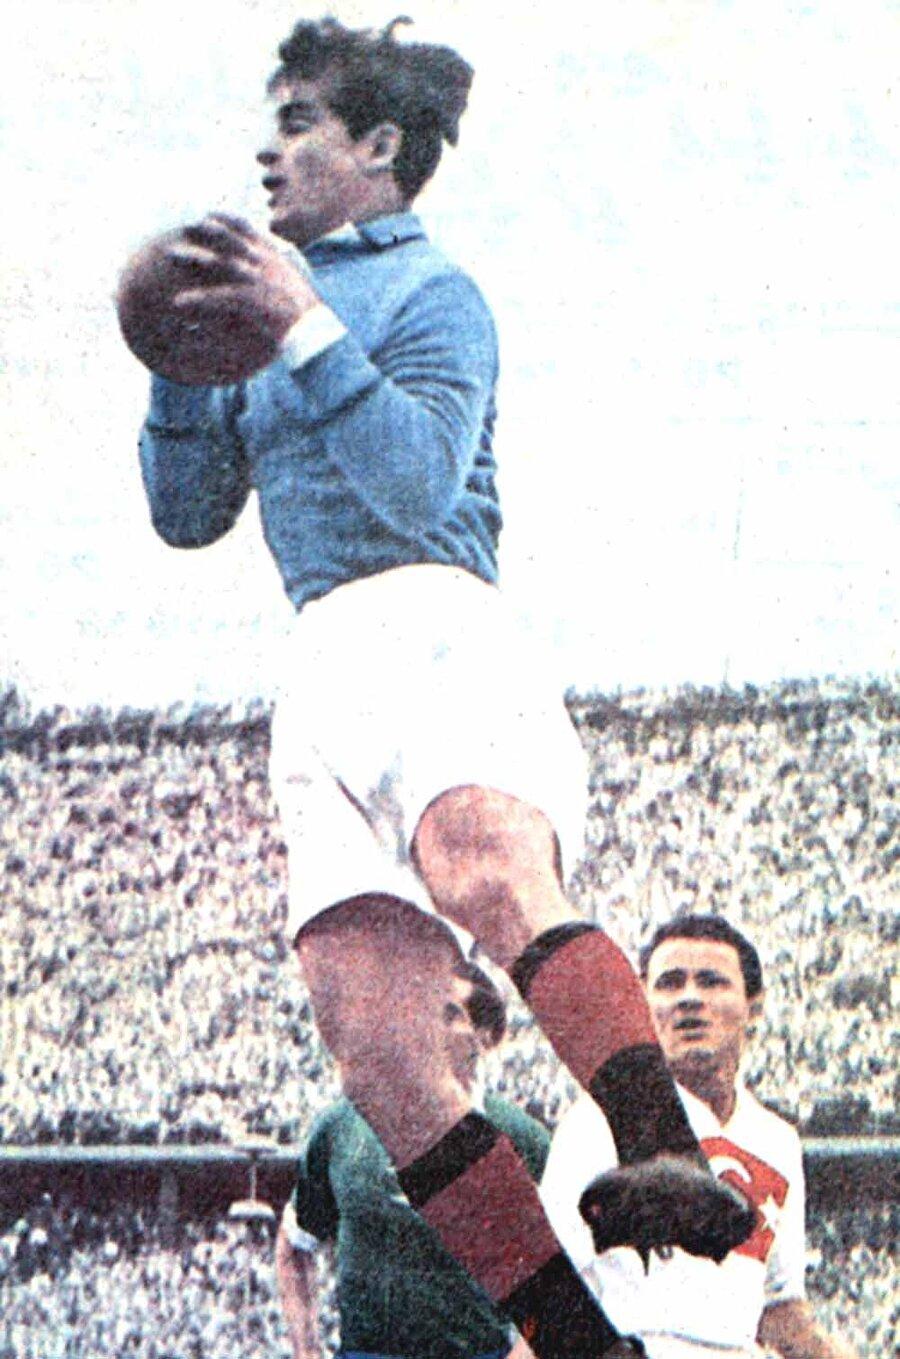 İsviçre 1954                                      Türkiye play-off maçında Almanya'ya 7-2 mağlup olarak bir üst tura çıkamadı. Ancak ay-yıldızlılar oynadığı 3 maçta 10 gol atarak maç başına 3.33 gol ortalaması yakaladı.